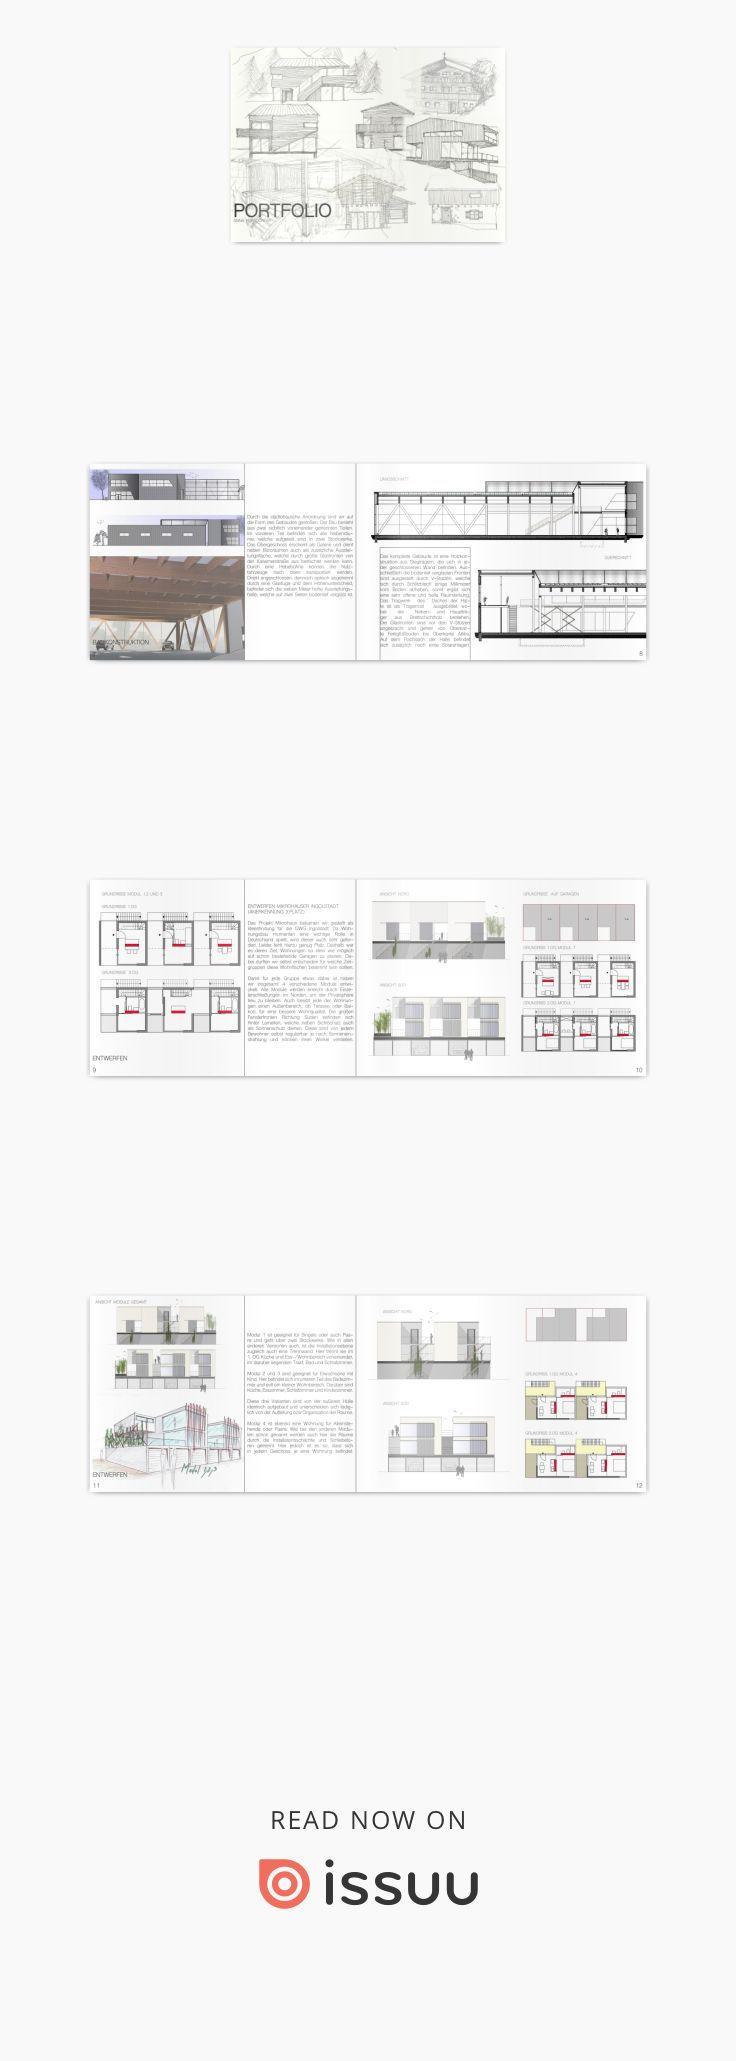 Motivationsschreiben Architektur Studium Muster Vorlage Downloaden Motivationsschreiben Studium Motivationsschreiben Architektur Studium